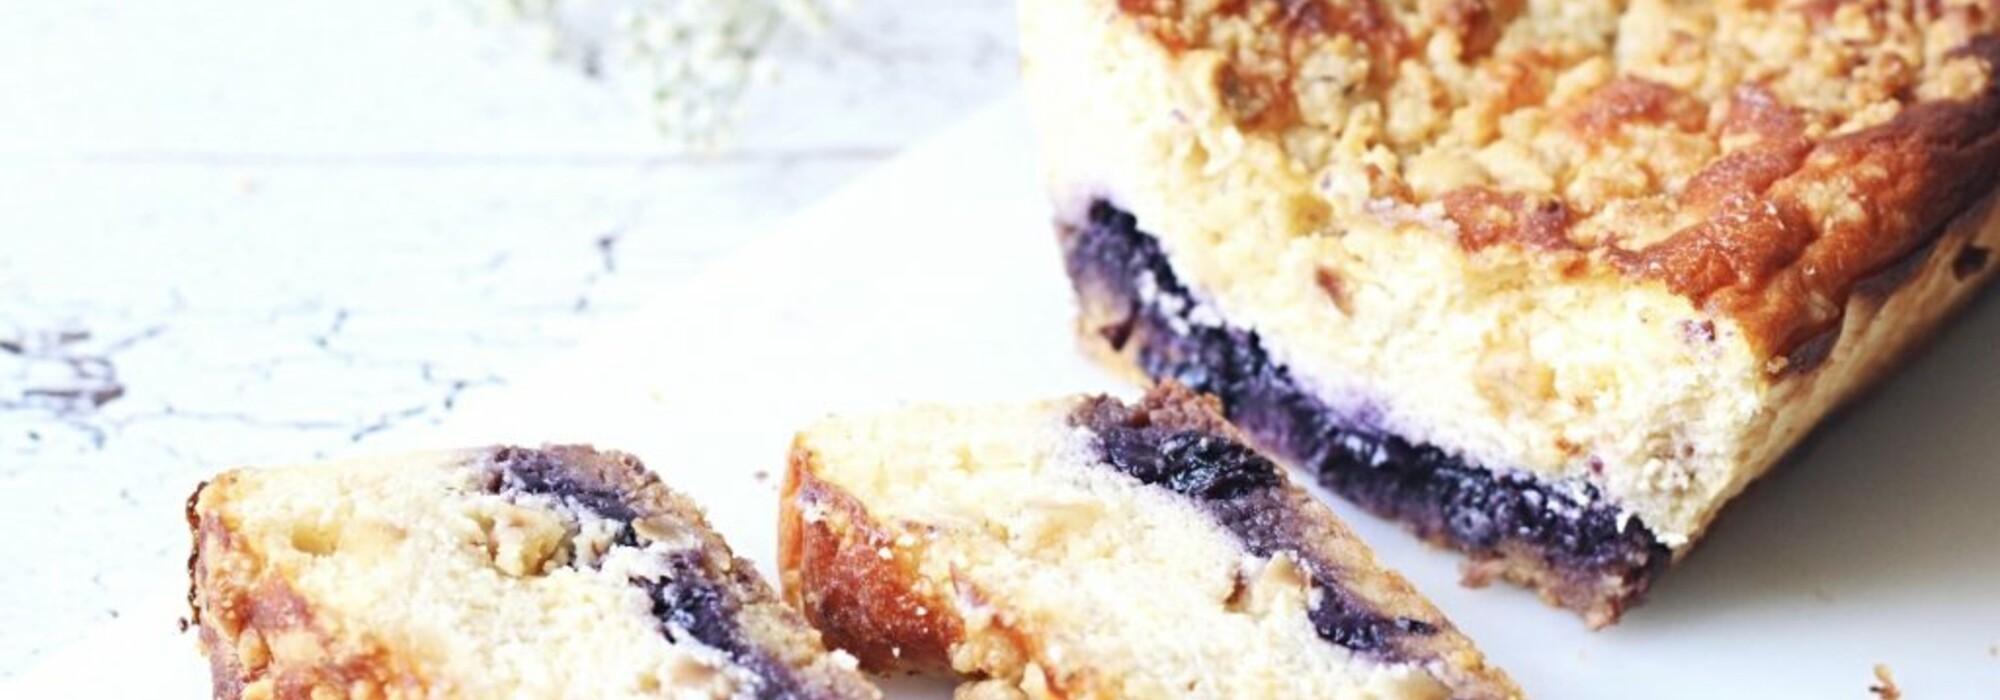 Suikervrije blauwe bessen-citroen cheesecake